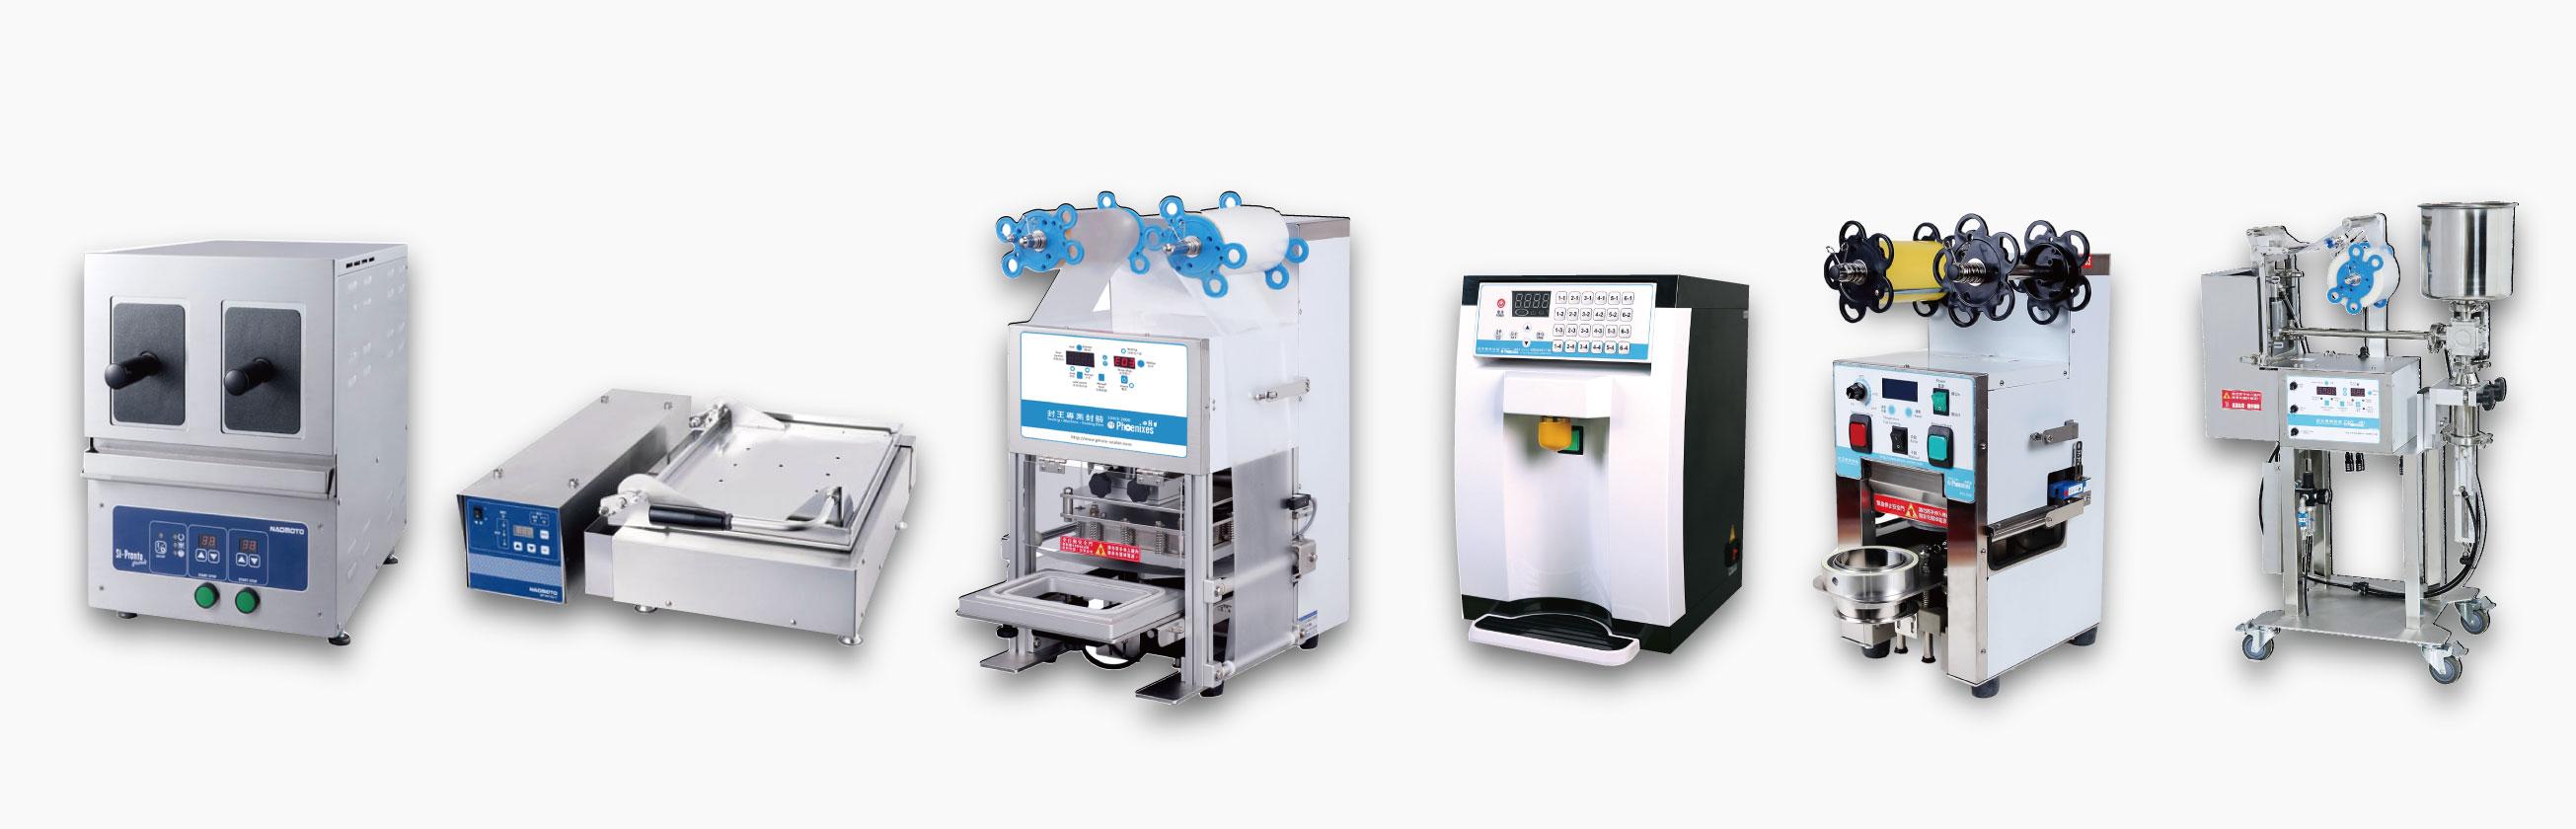 解凍機、煎餃機、封盒機、果糖機、封口機、醬包機